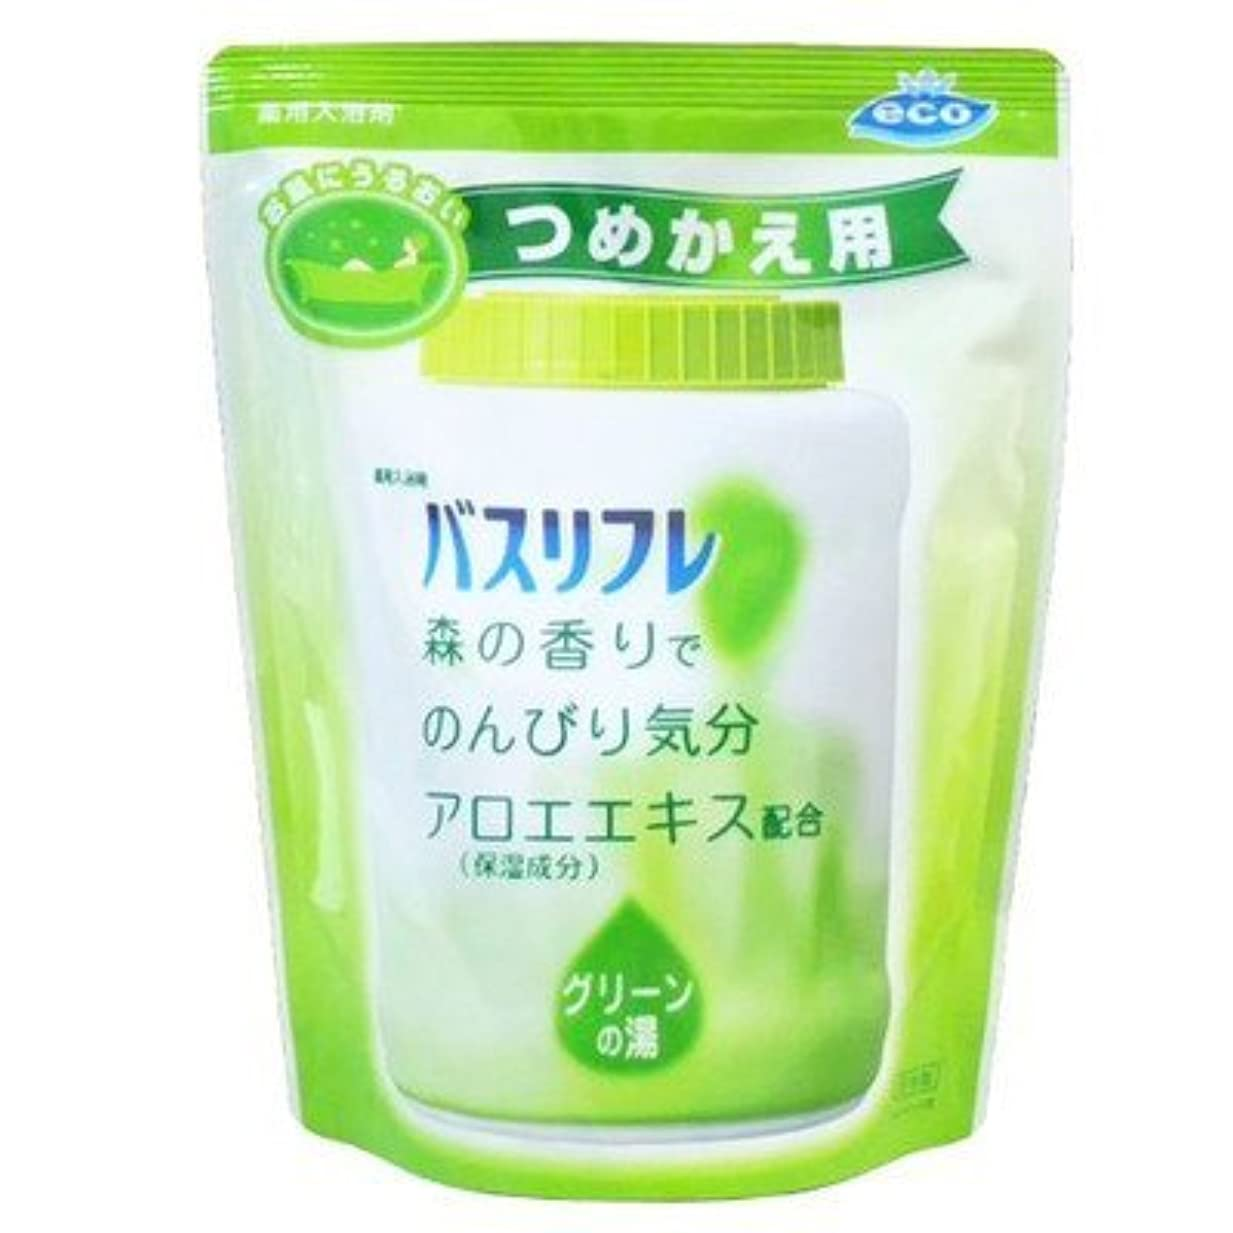 ピストルビジュアル雇用薬用入浴剤 バスリフレ グリーンの湯 つめかえ用 540g 森の香り (ライオンケミカル) Japan